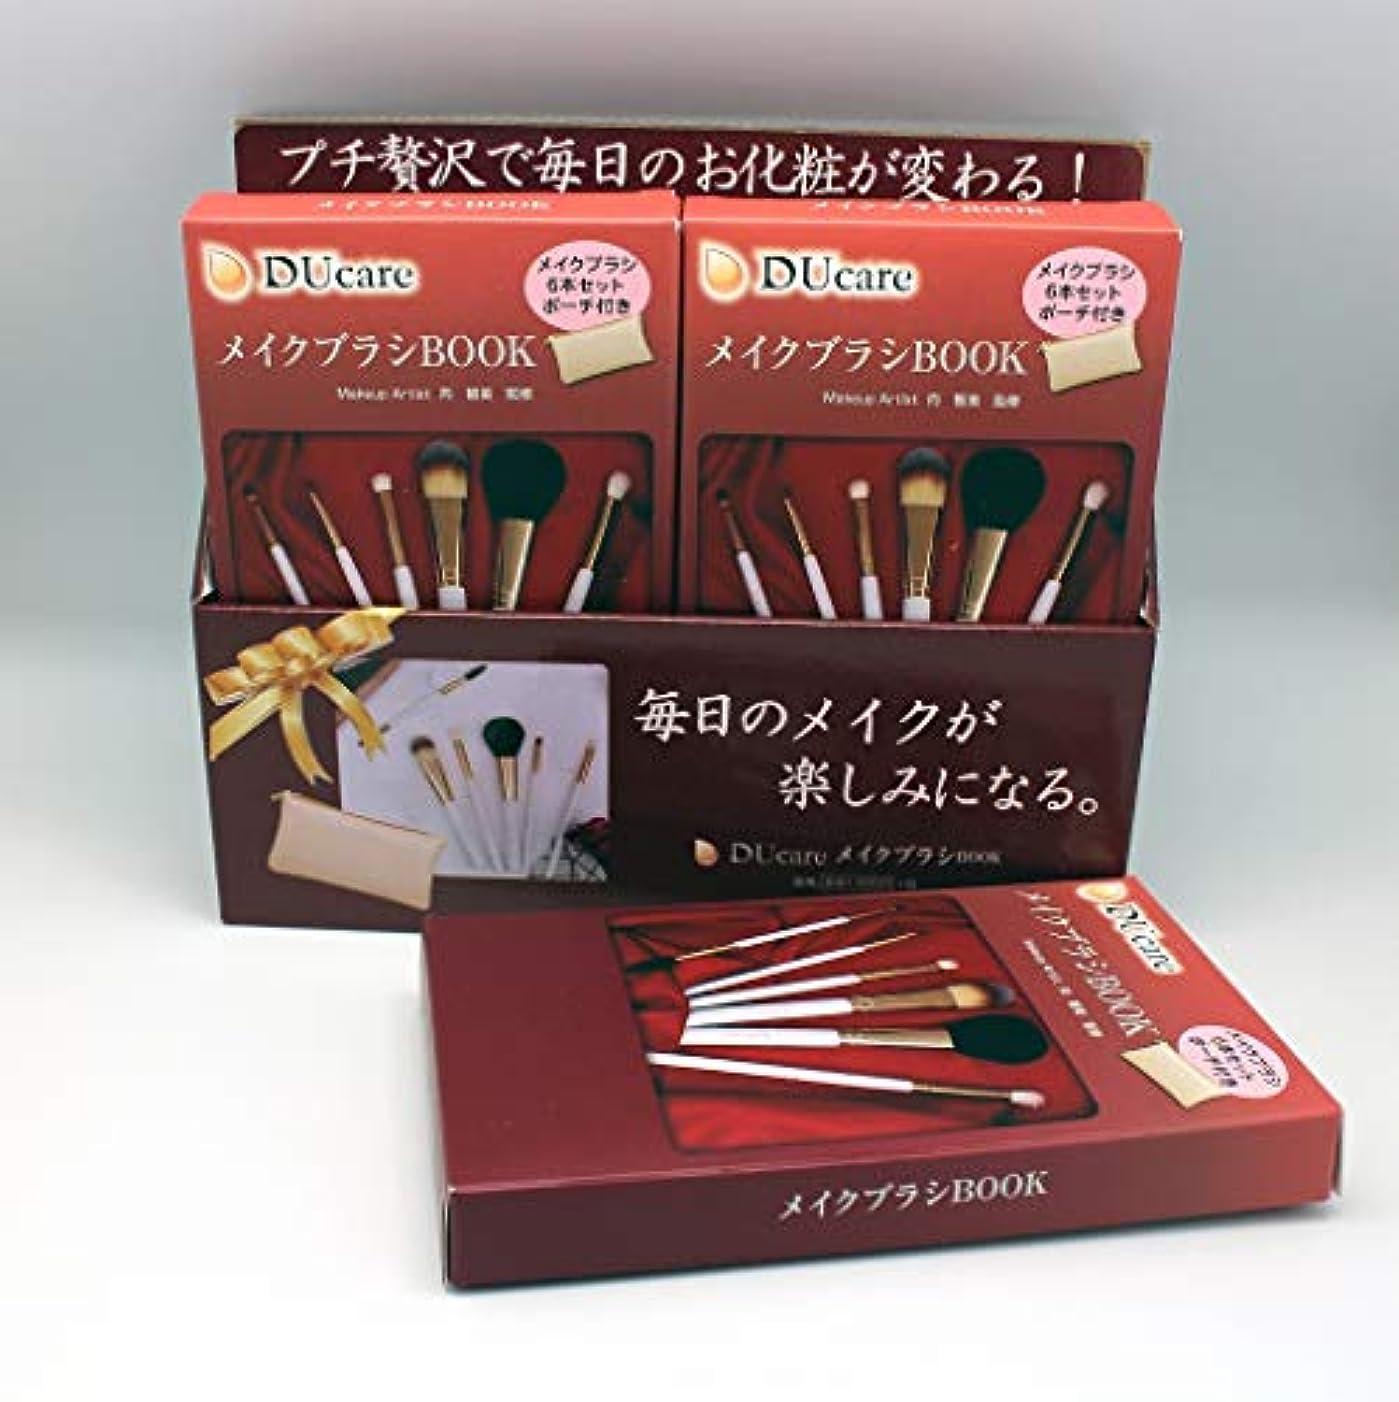 流行しているそうランクDUcareドゥケア メイクブラシBOOK メイクブラシ6本セット ゴールドのレザー風化粧ポーチ付き 【初心者向けガイドブックがついています】